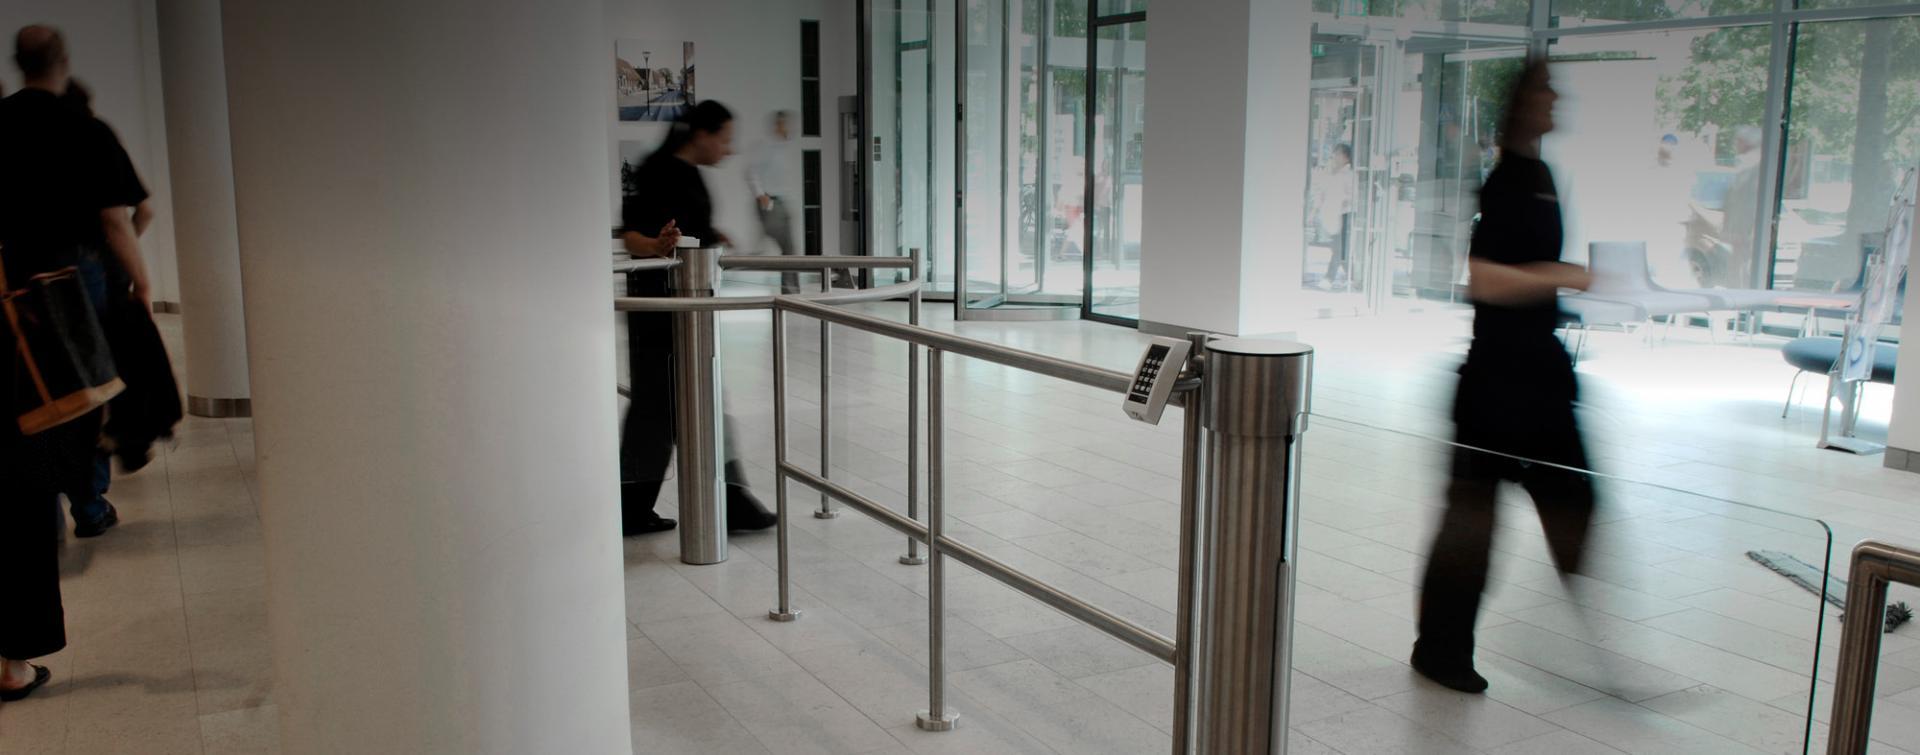 henfor-acceso-peatonal-libre